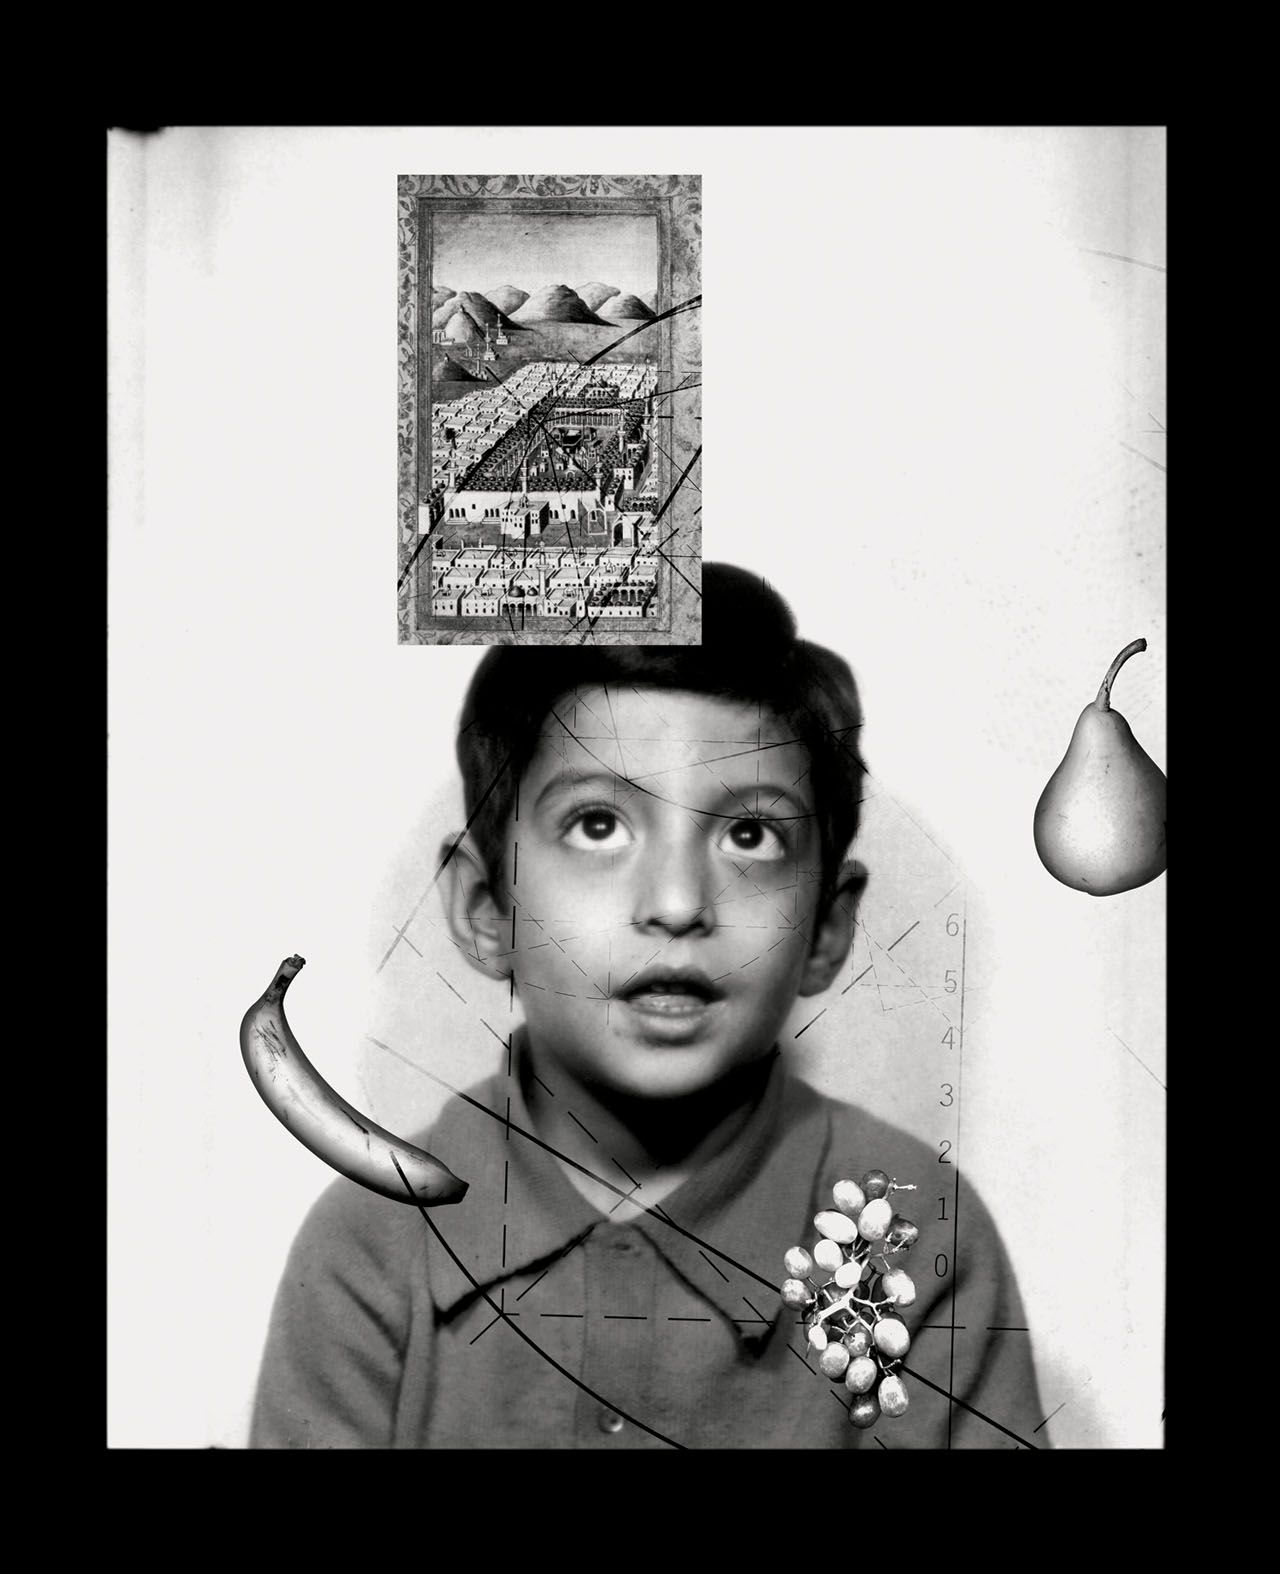 5Memory Anas Al-Shaikh, Memory of Memories 1, 2001.